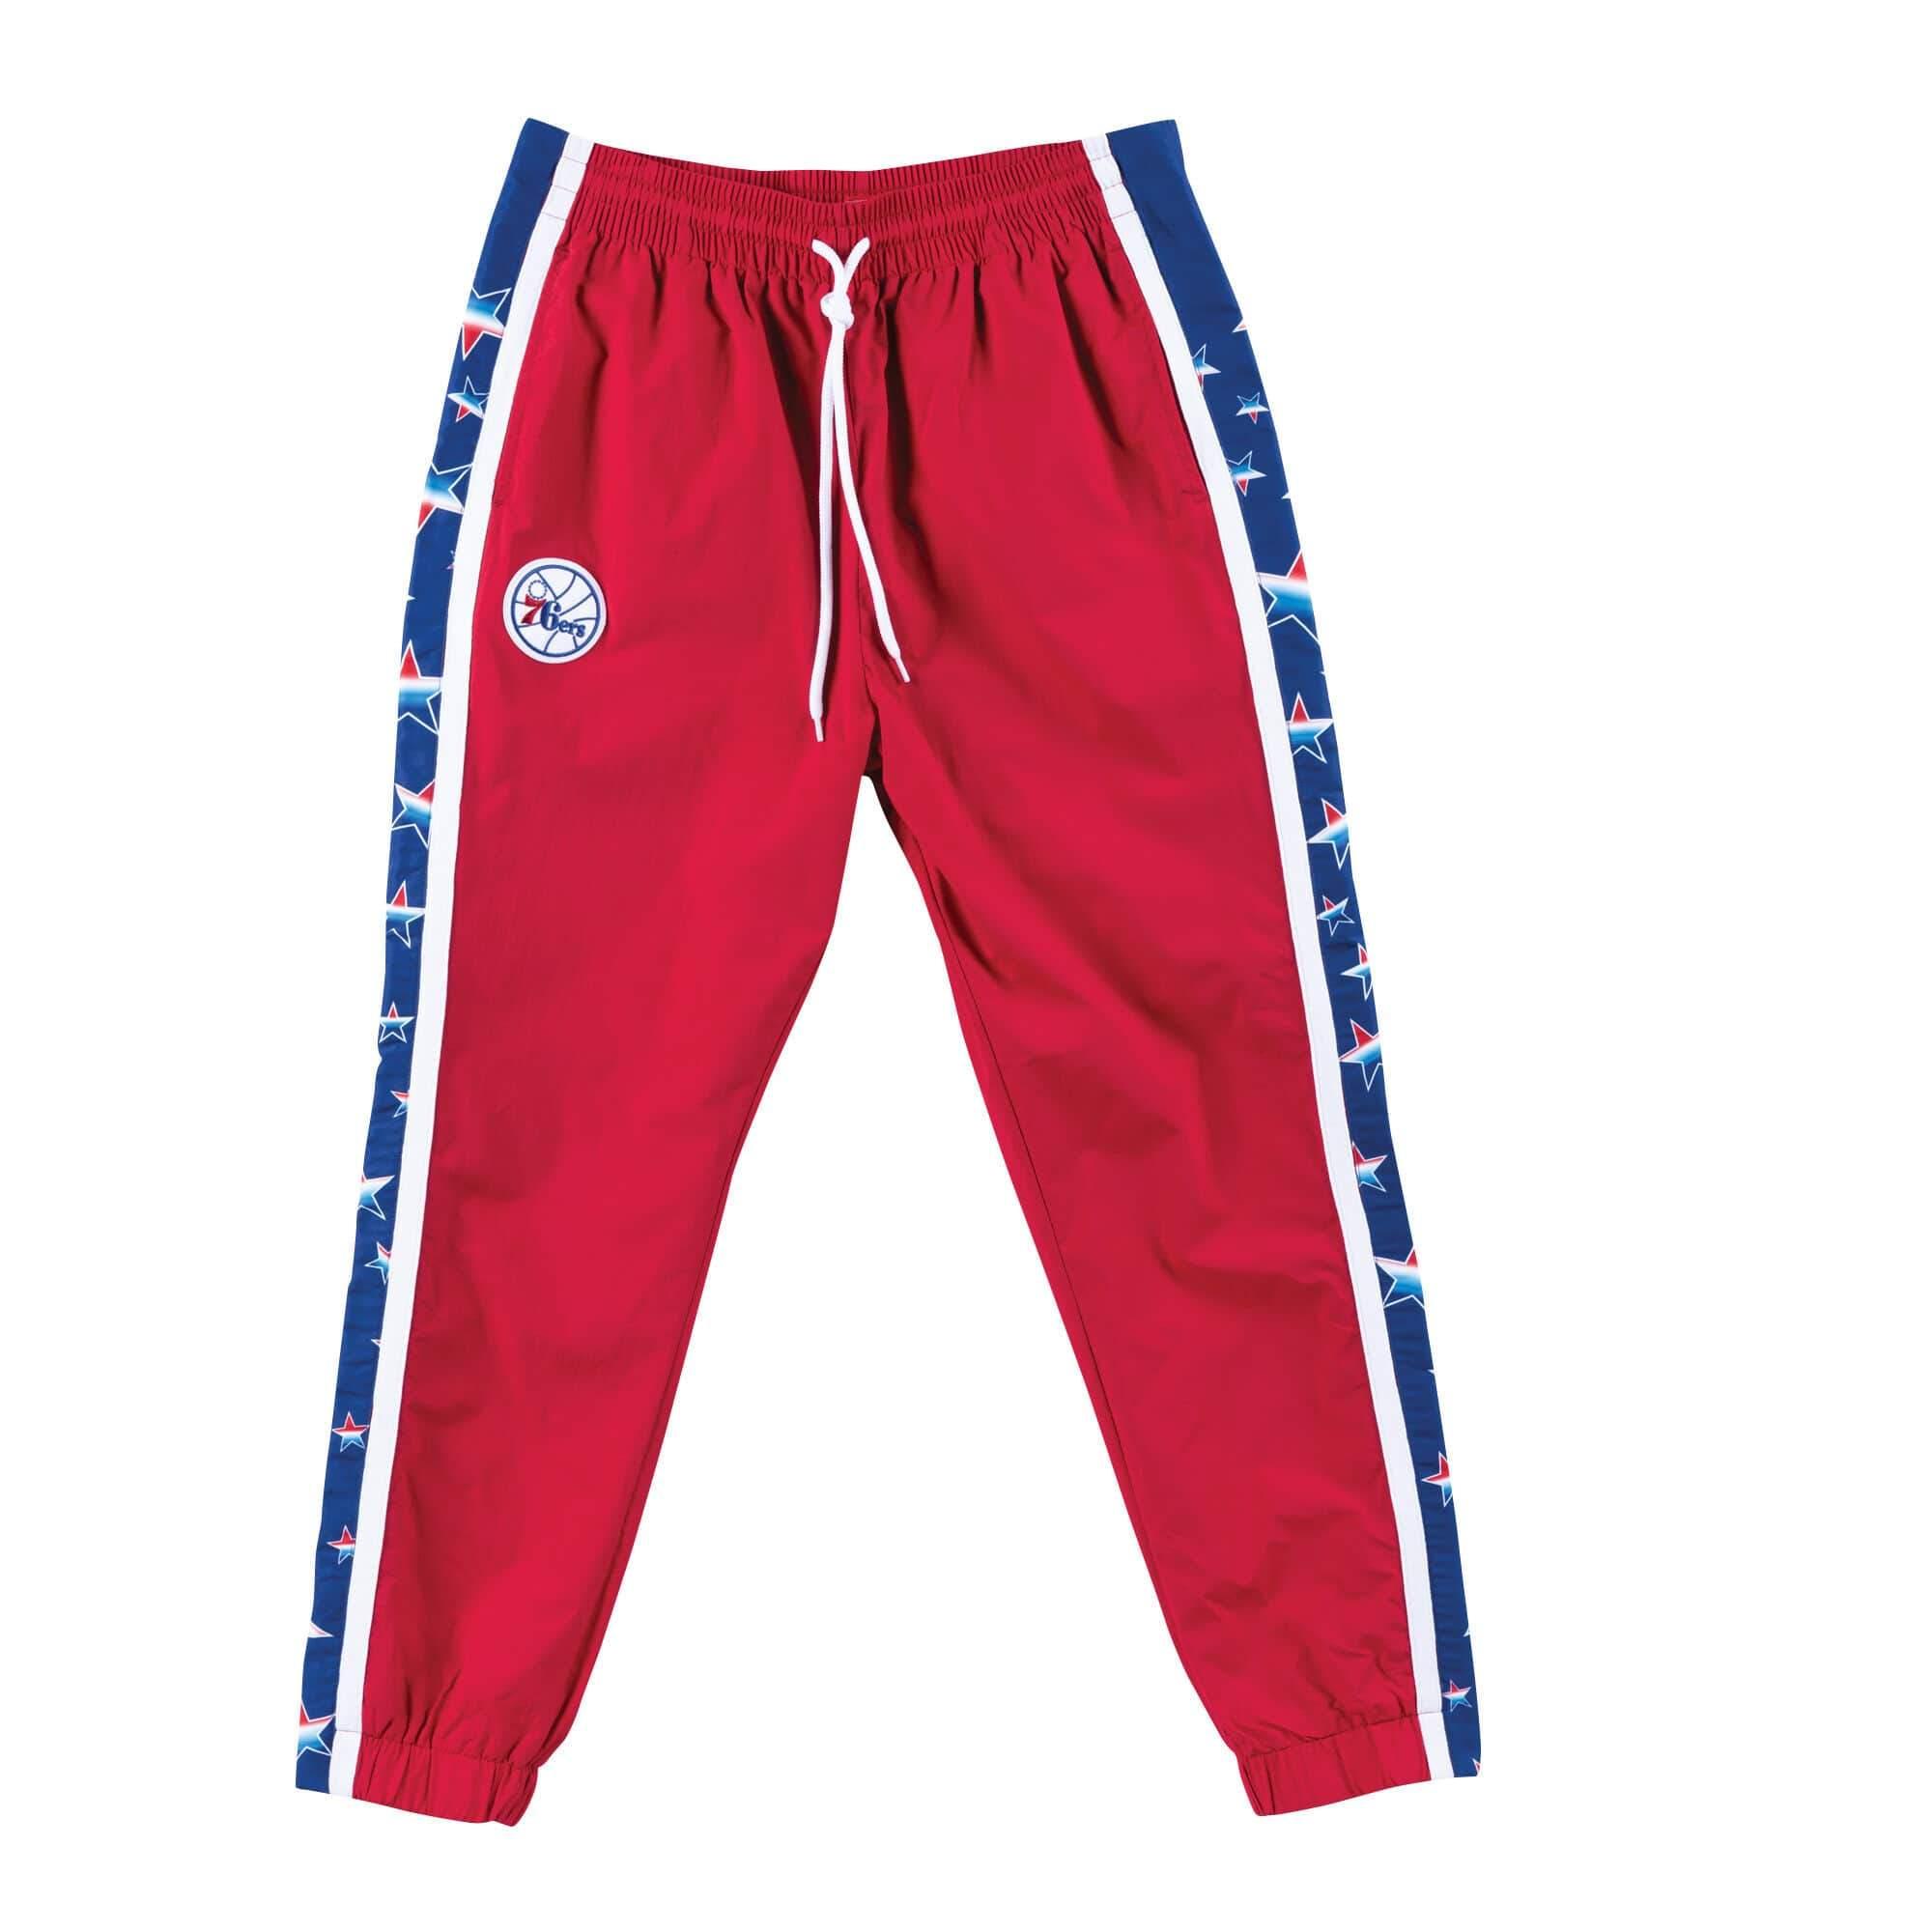 cheap jerseys blank Mitchell & Ness Philadelphia 76ers Lifestyle NBA Pro Game Tearaway Pants nba wholesale china